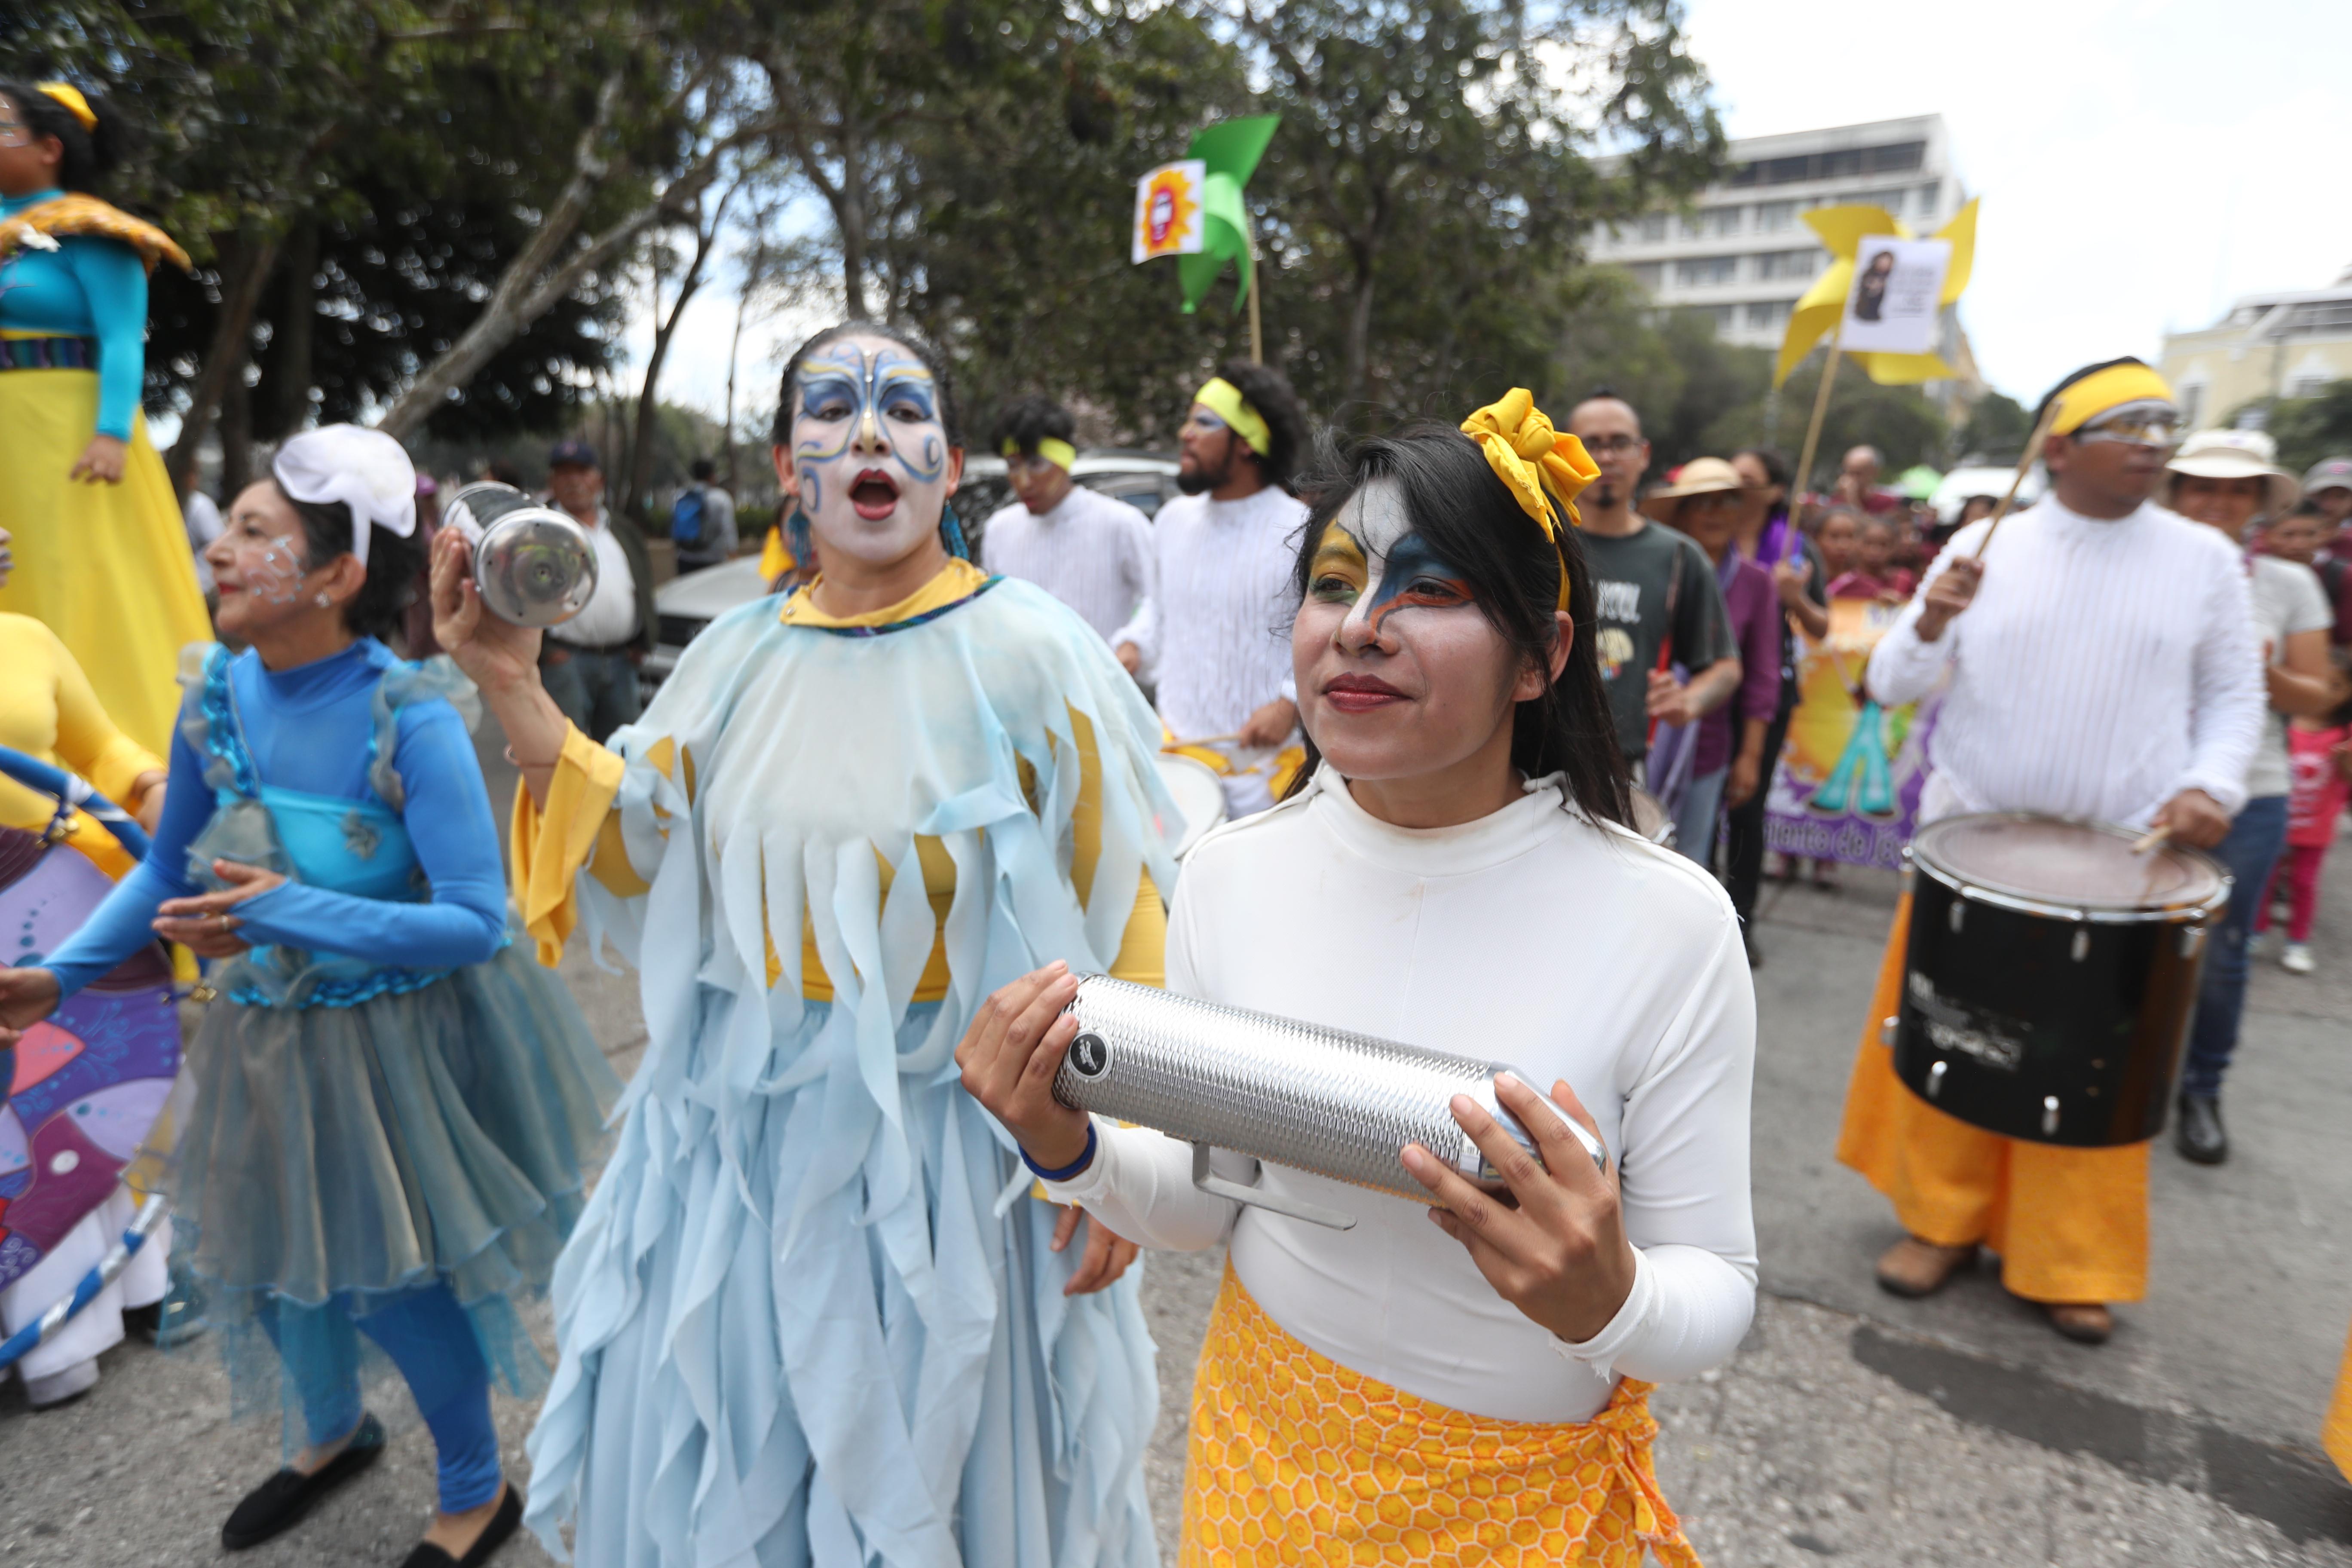 Varias bandas acompañaron la tradicional marcha del 8 de marzo. (Foto Prensa Libre: Óscar Rivas)